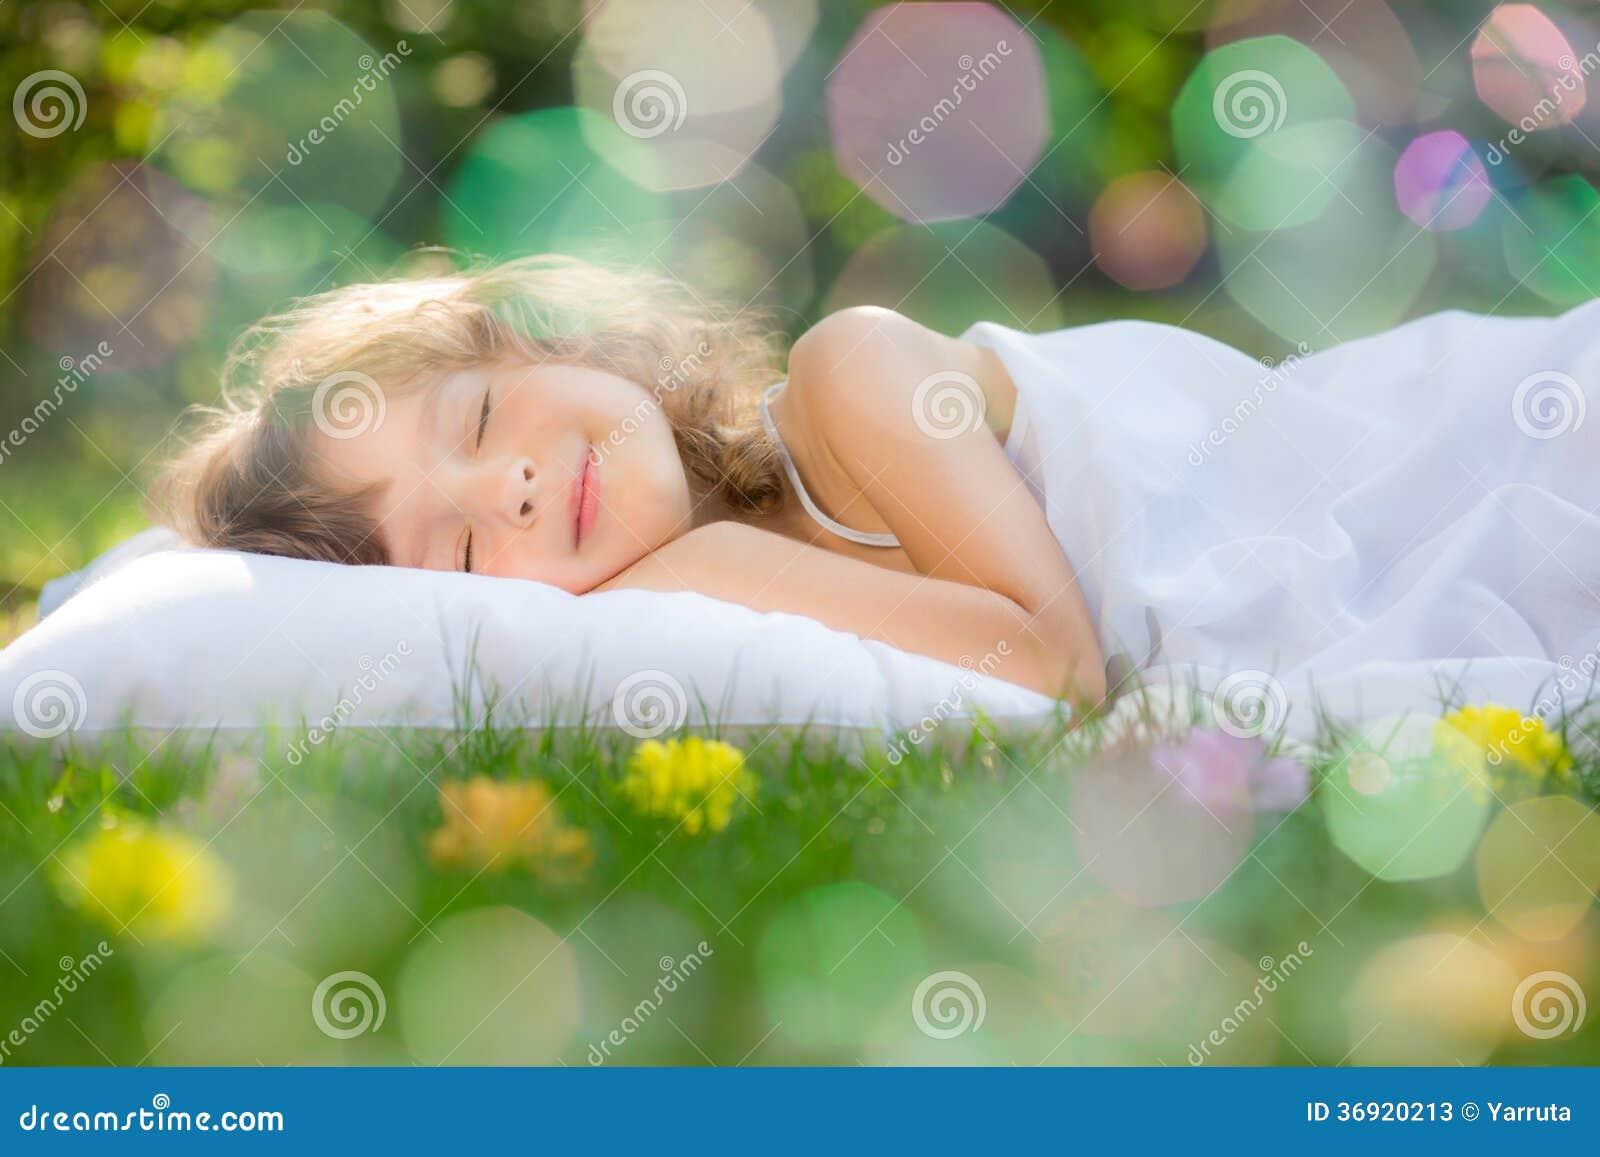 睡觉在春天庭院里的孩子